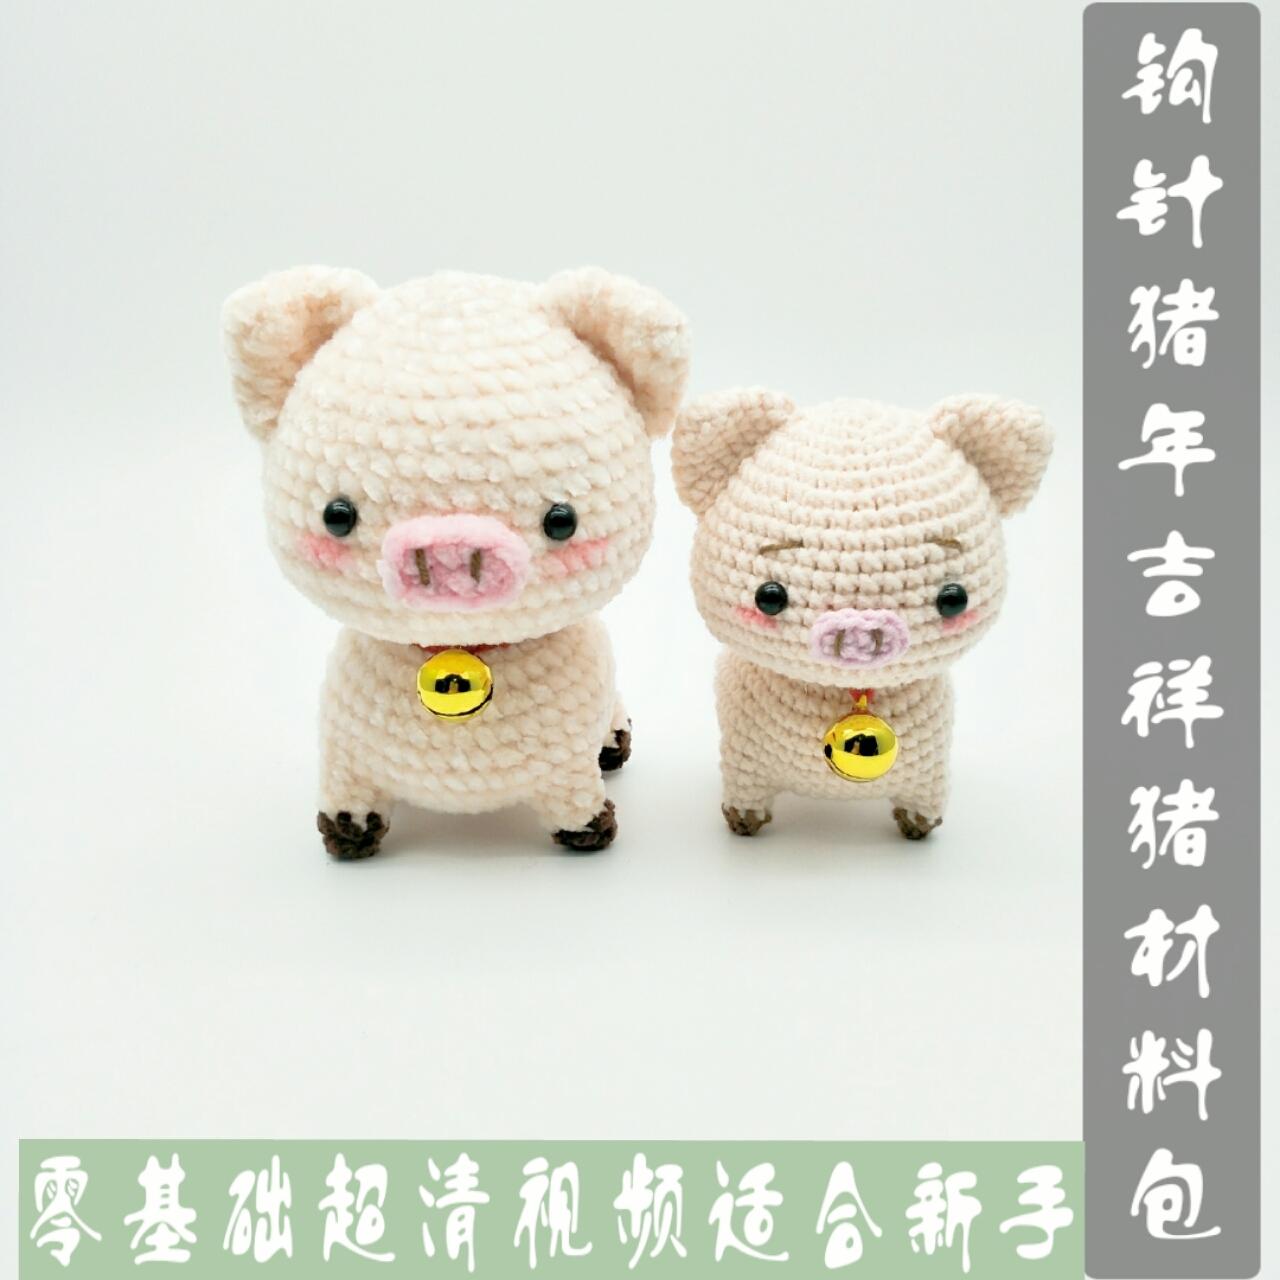 宝贝琳手作手工毛线编织diy猪年吉祥猪挂件礼物送视频